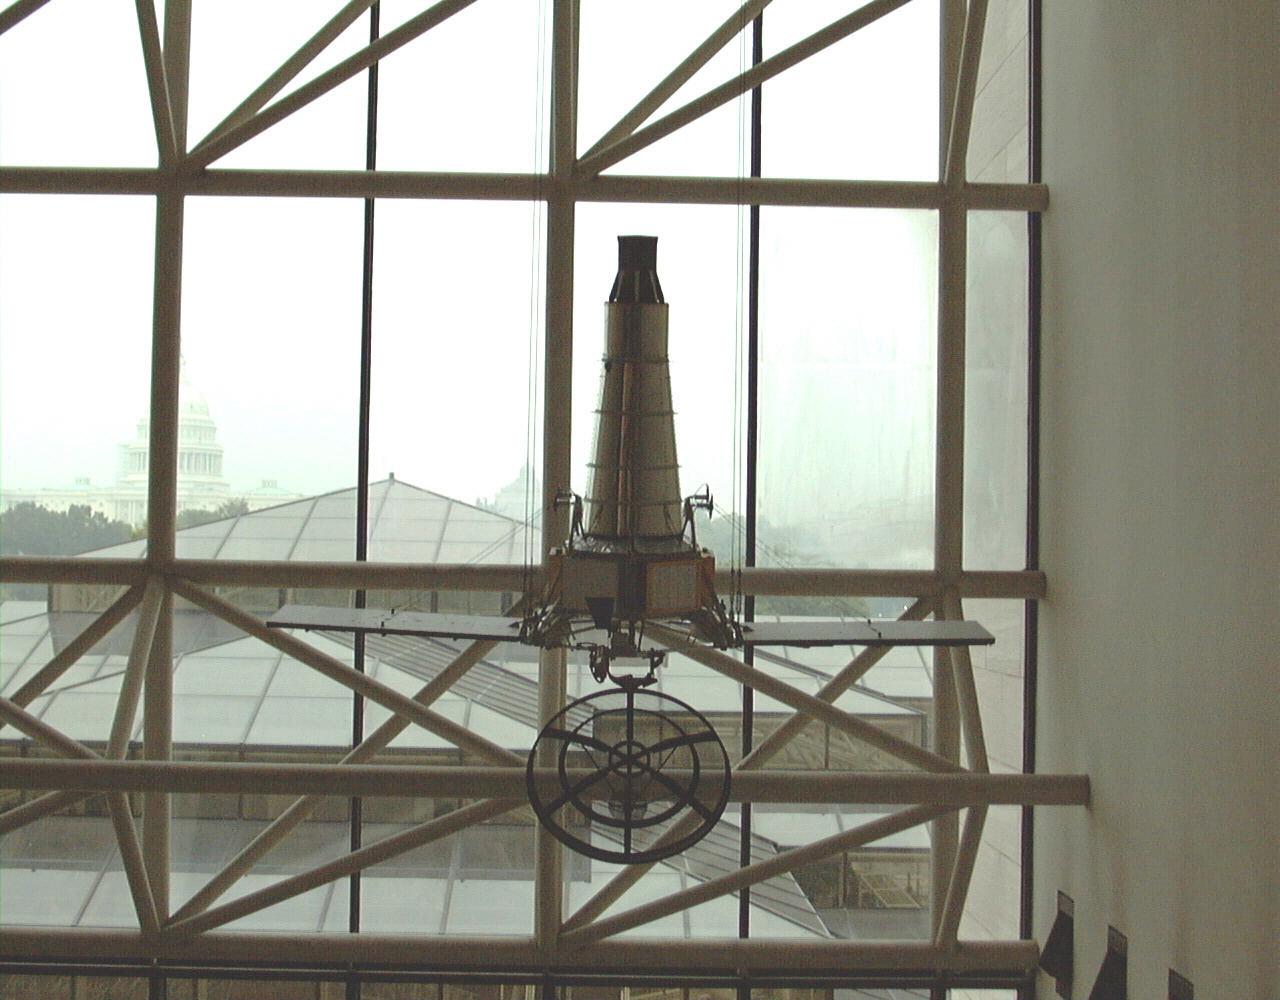 Image of : Lunar Probe, Ranger, Block III